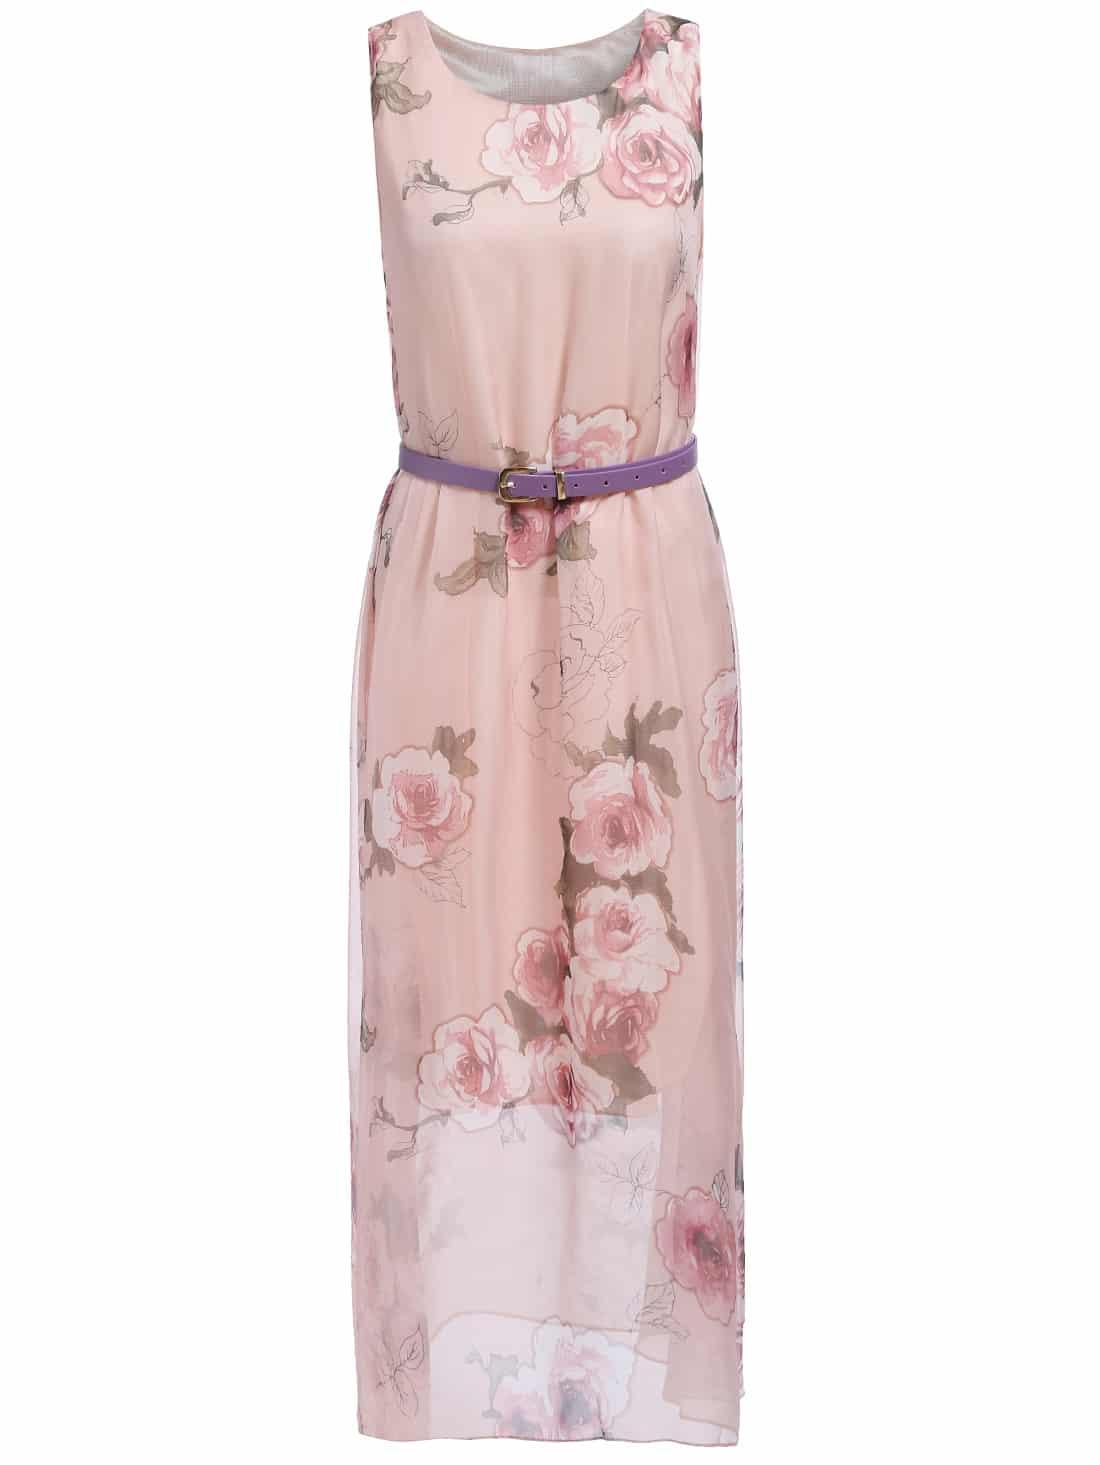 Sleeveless Floral Chiffon Pink Dress - $16.67